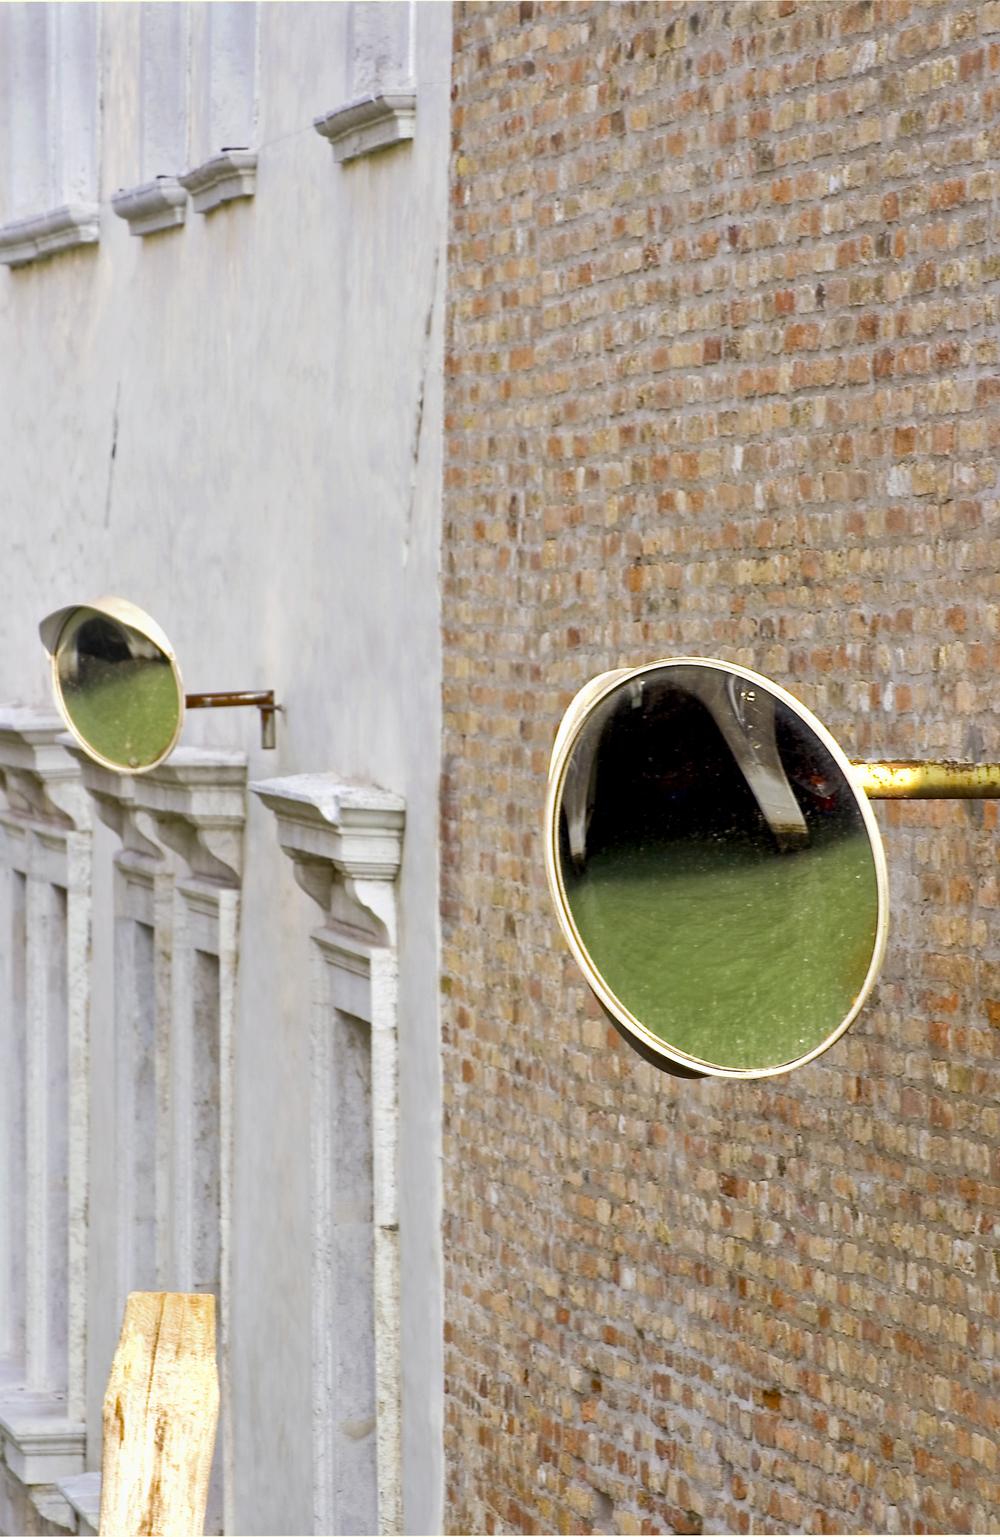 Venice, Italy, 2007